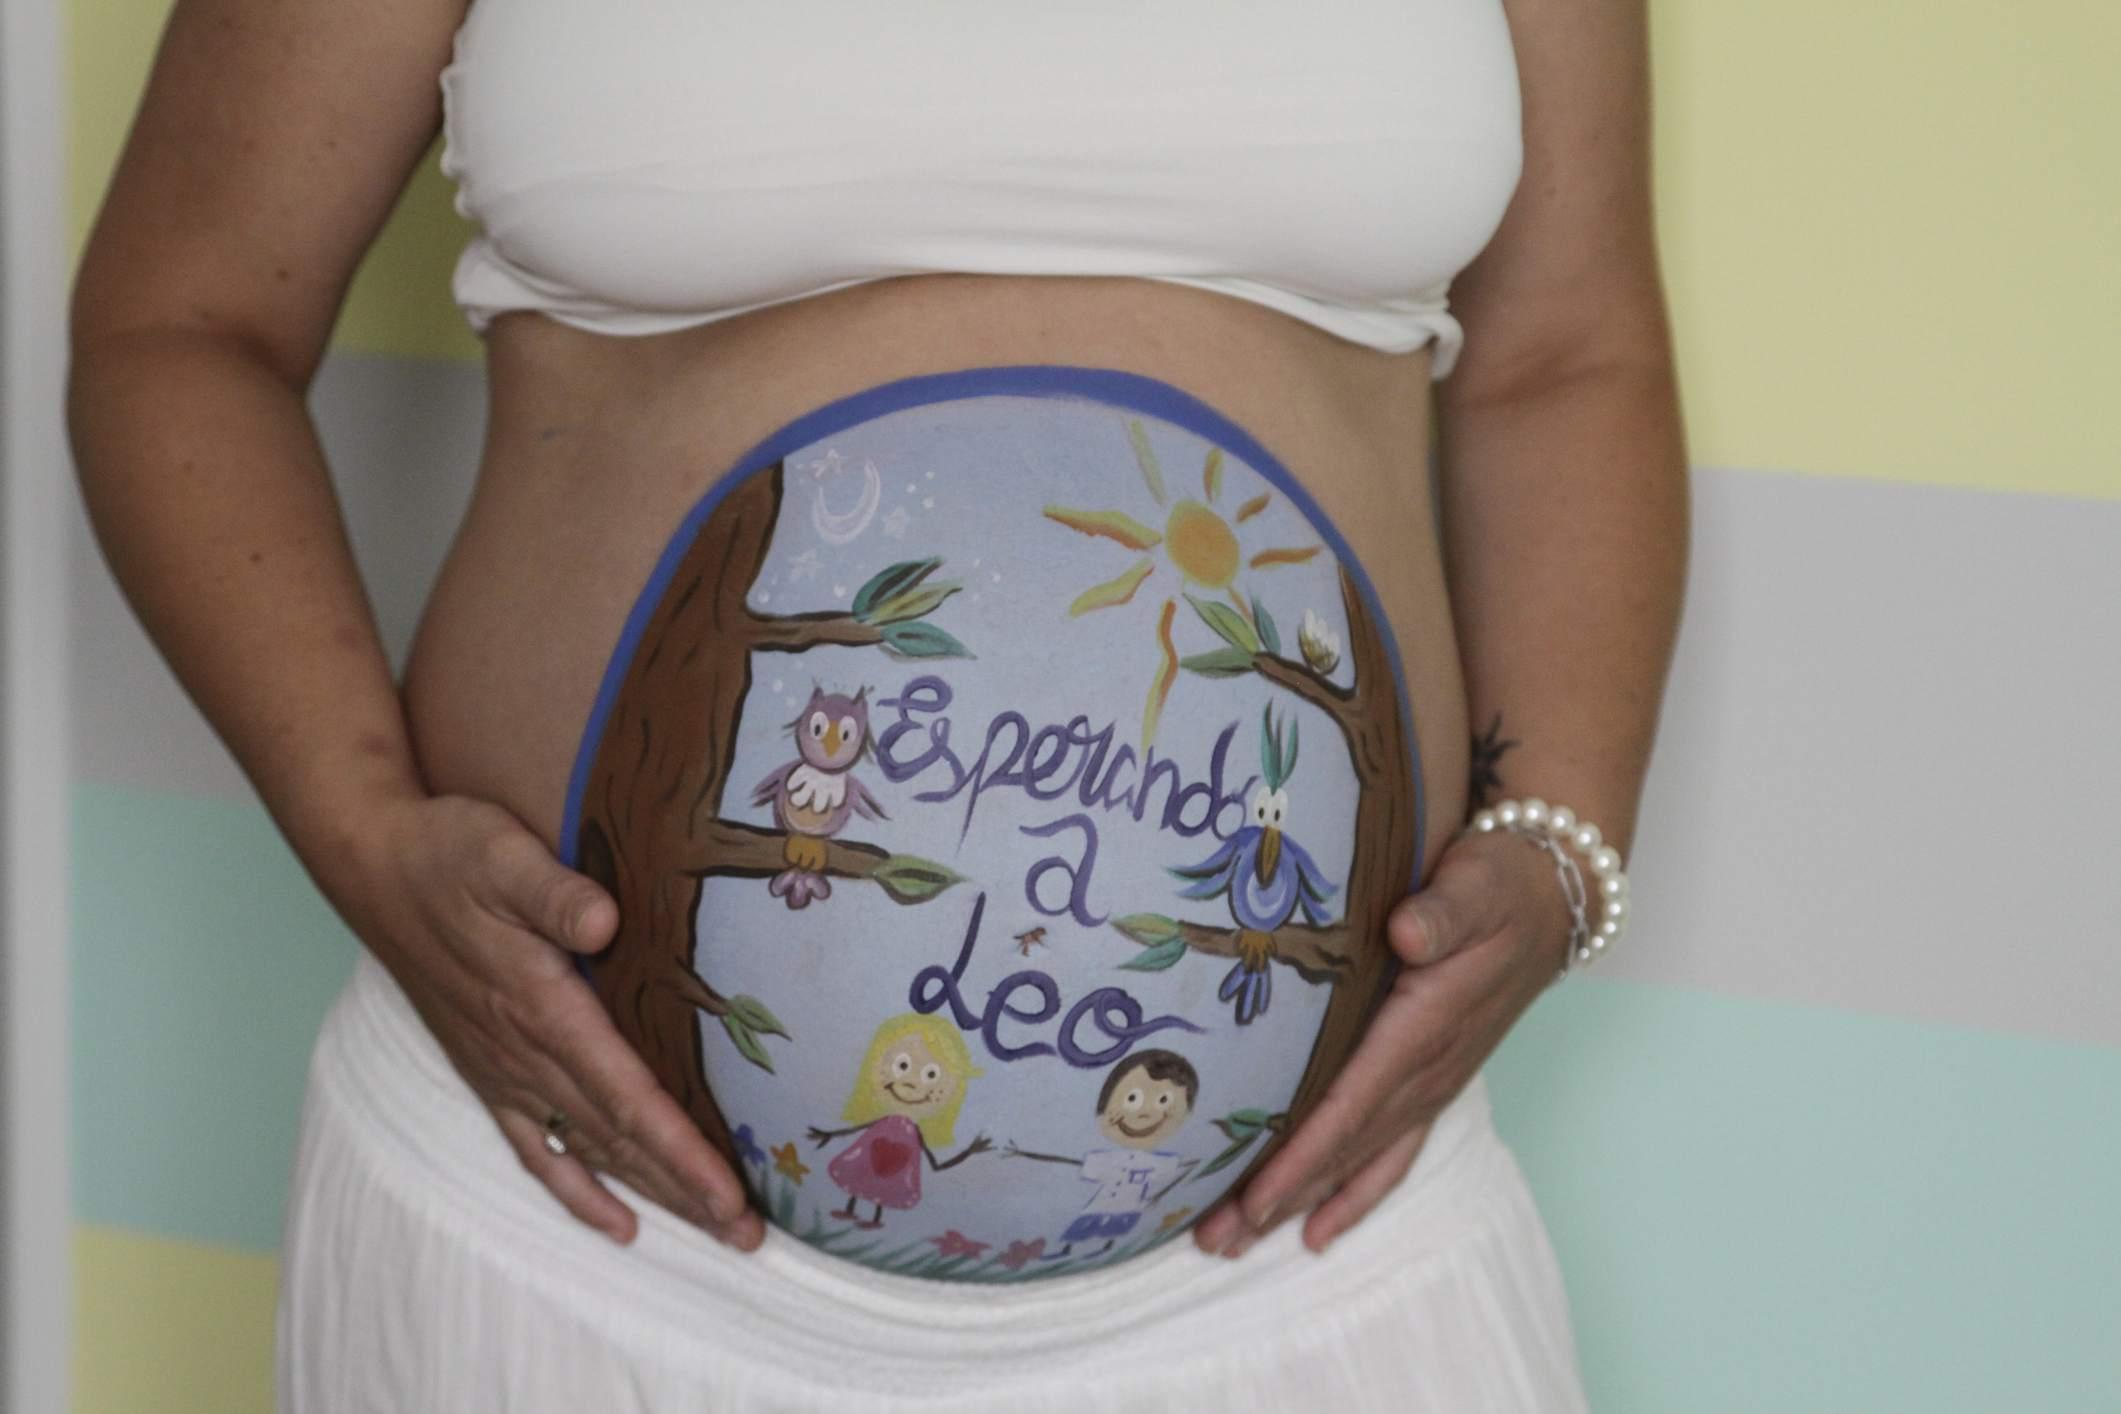 Mujer embarazada mostrando su vientre pintado